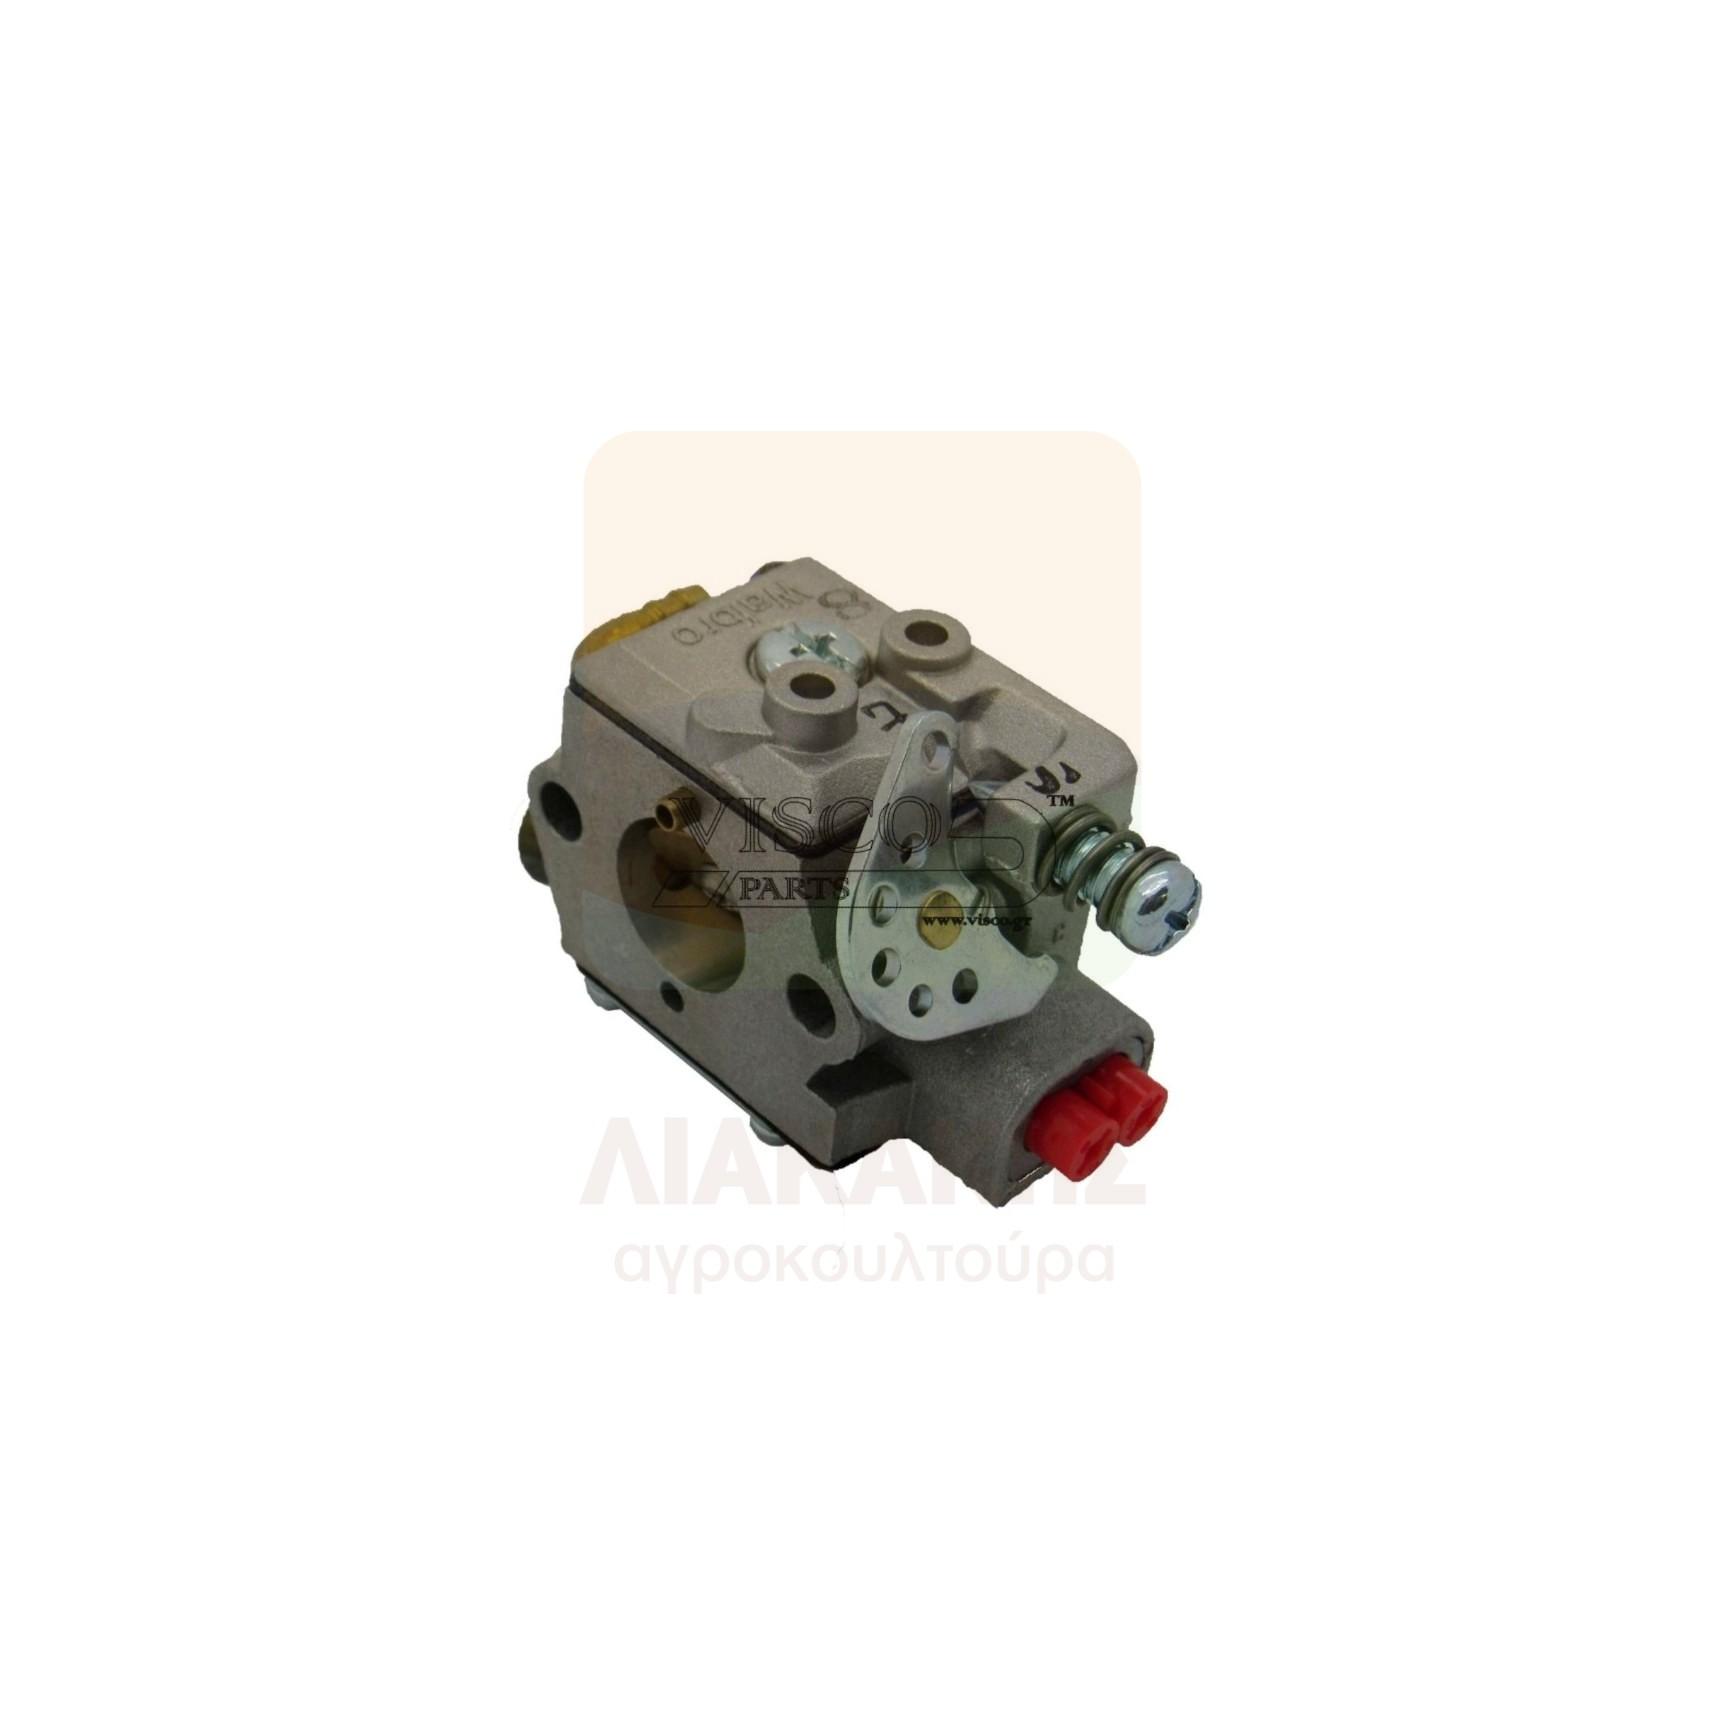 ΚΑΡ-053 Καρμπυρατέρ OLEOMAC-EFCO 937- GS 370 -137- MT 3700 WALBRO ORIGINAL